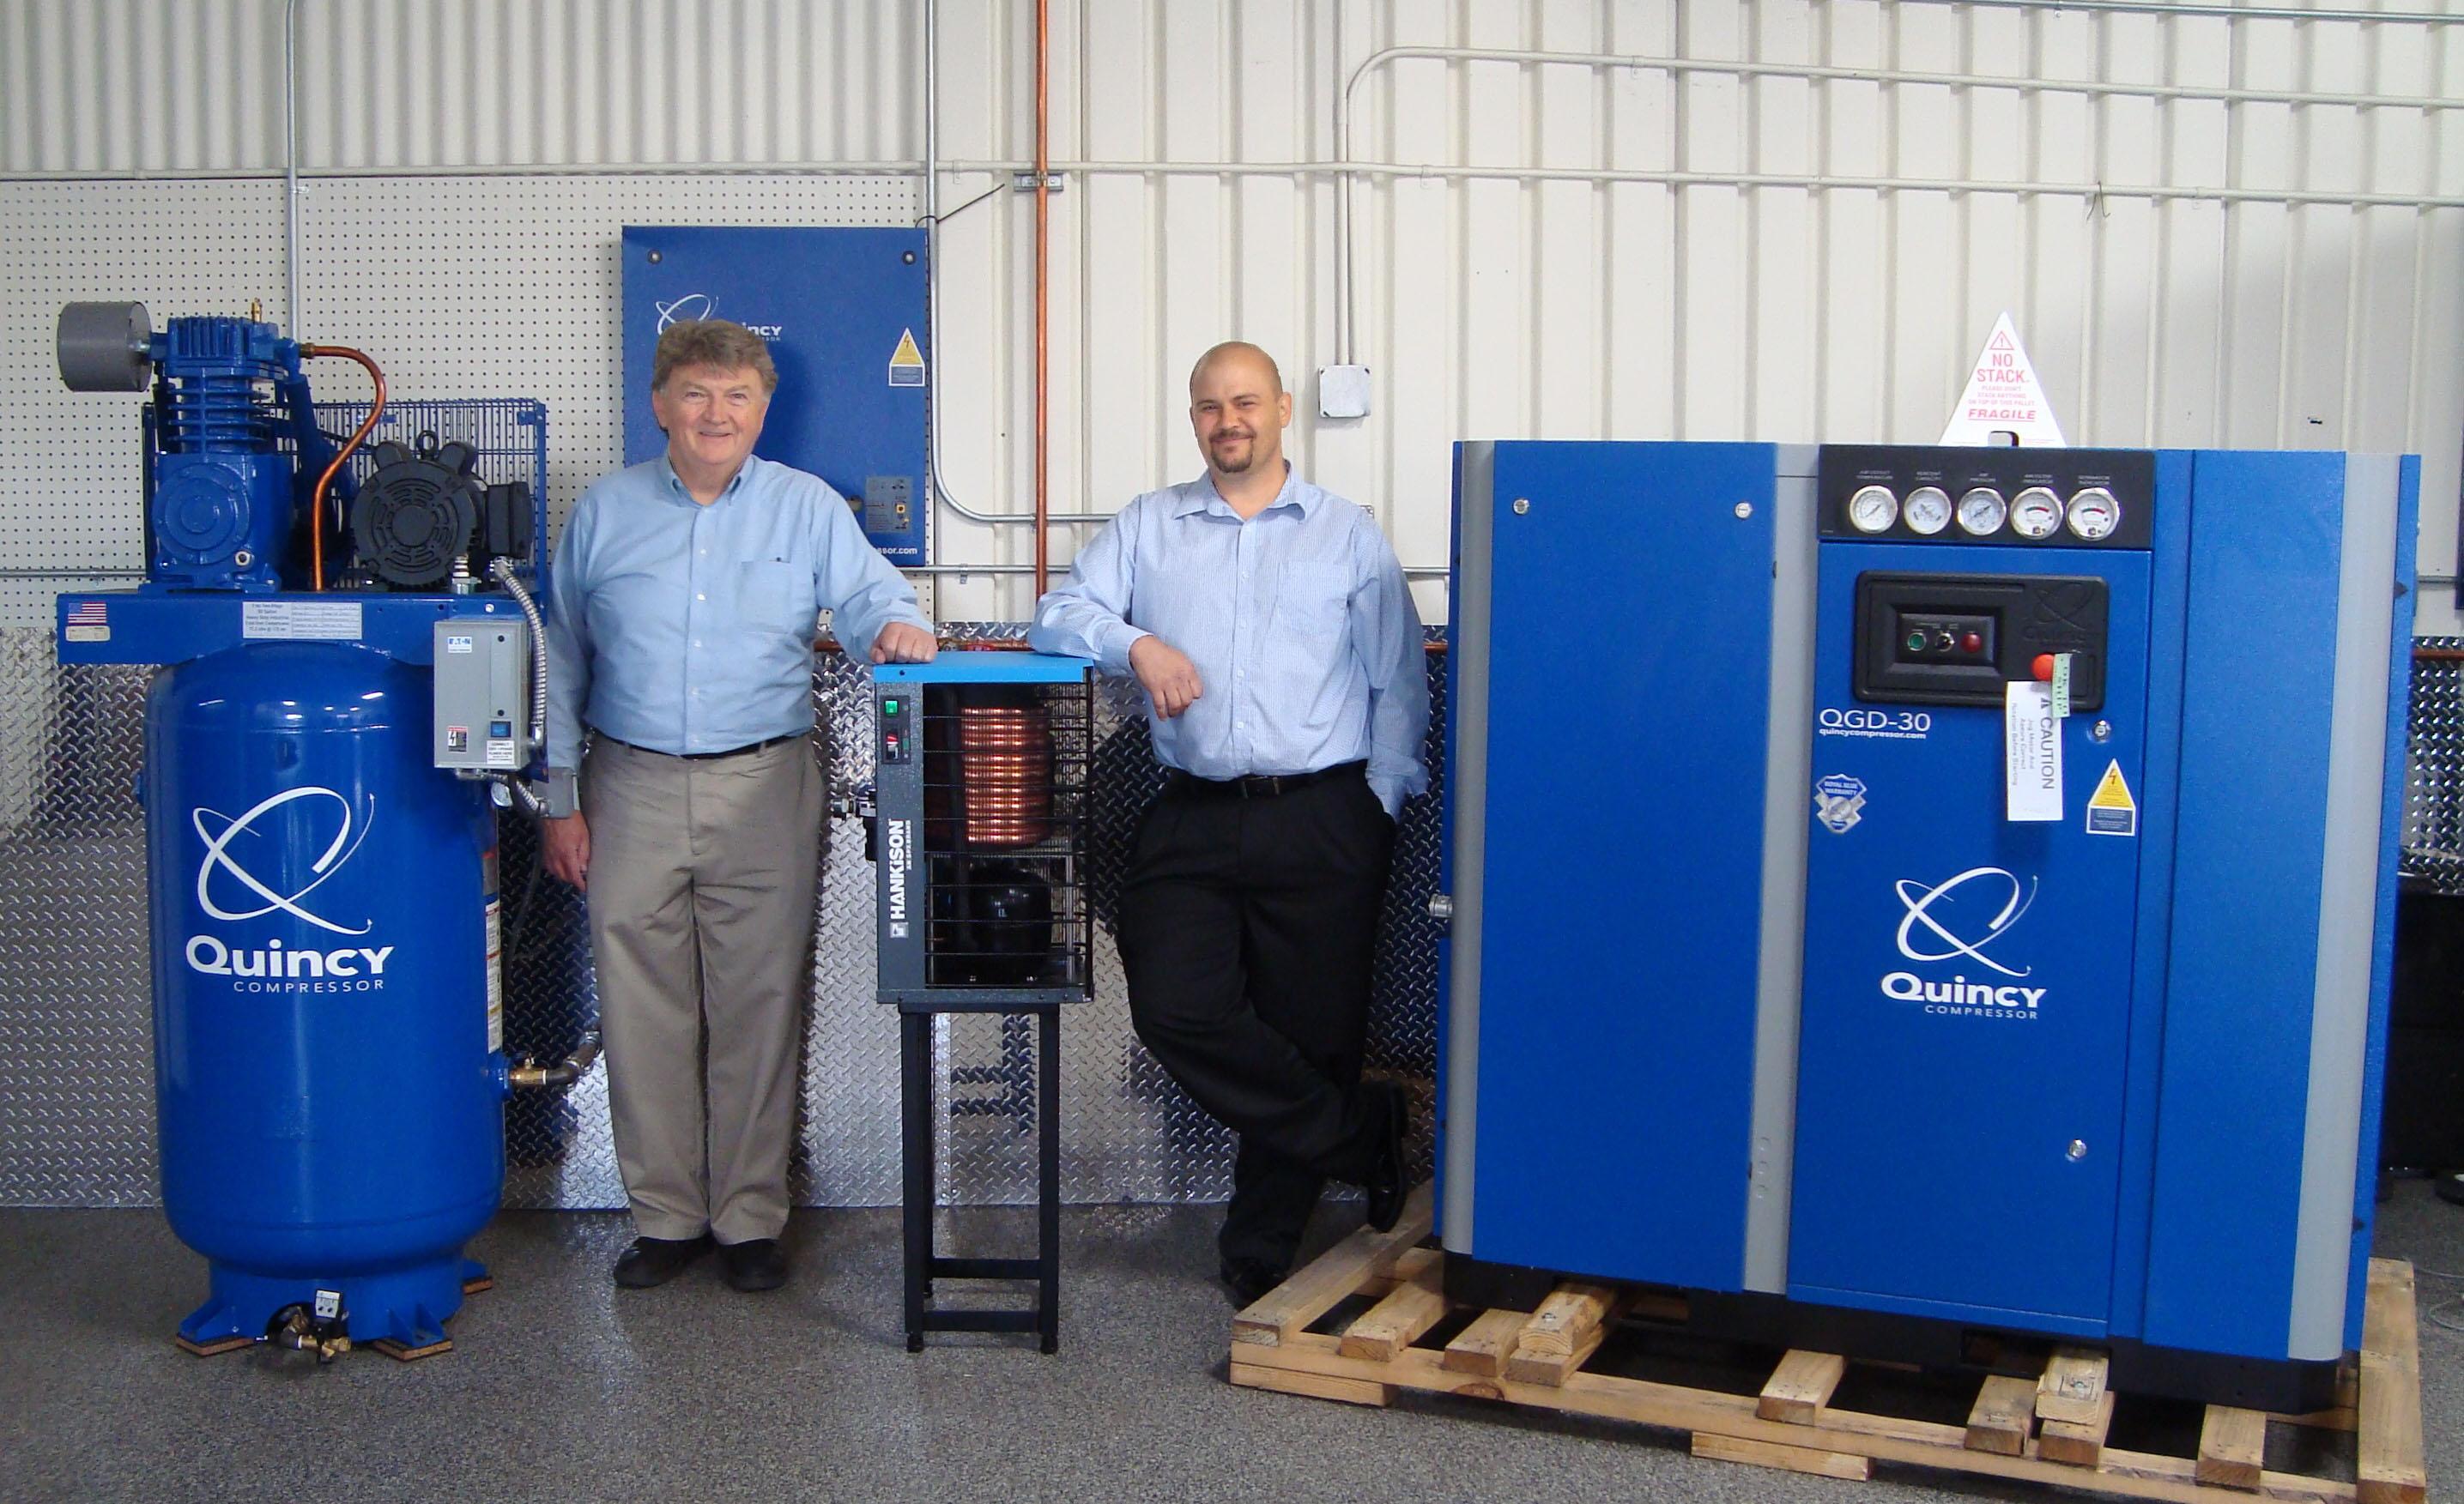 Quincy compressors in showroom